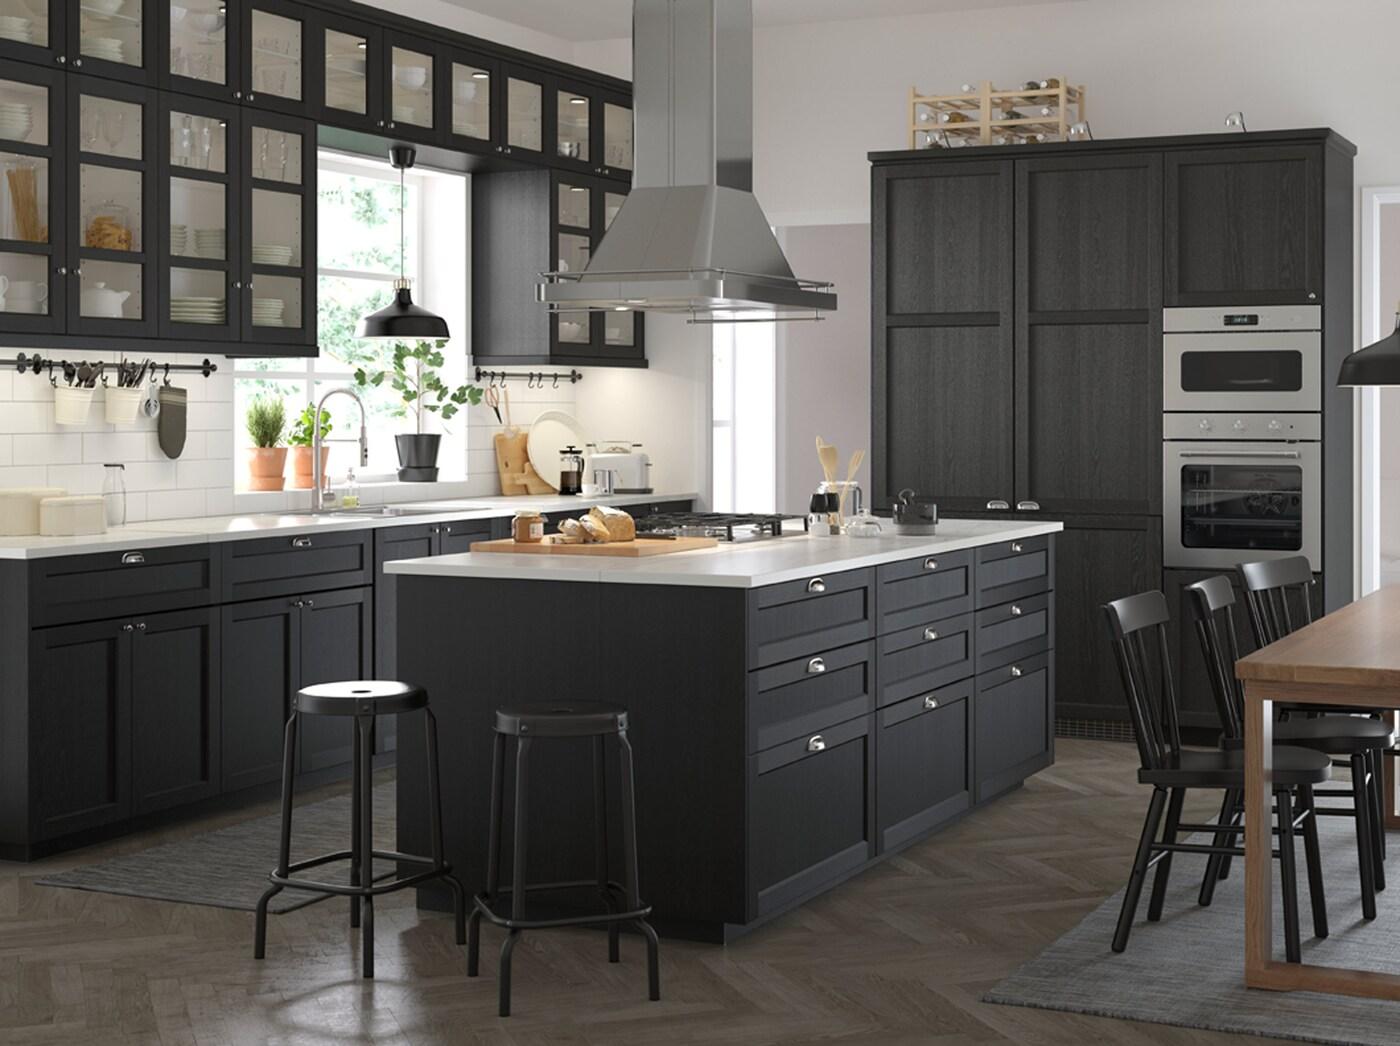 Cucina Bianca E Nera Ikea lasciati ispirare dalle nostre cucine - ikea